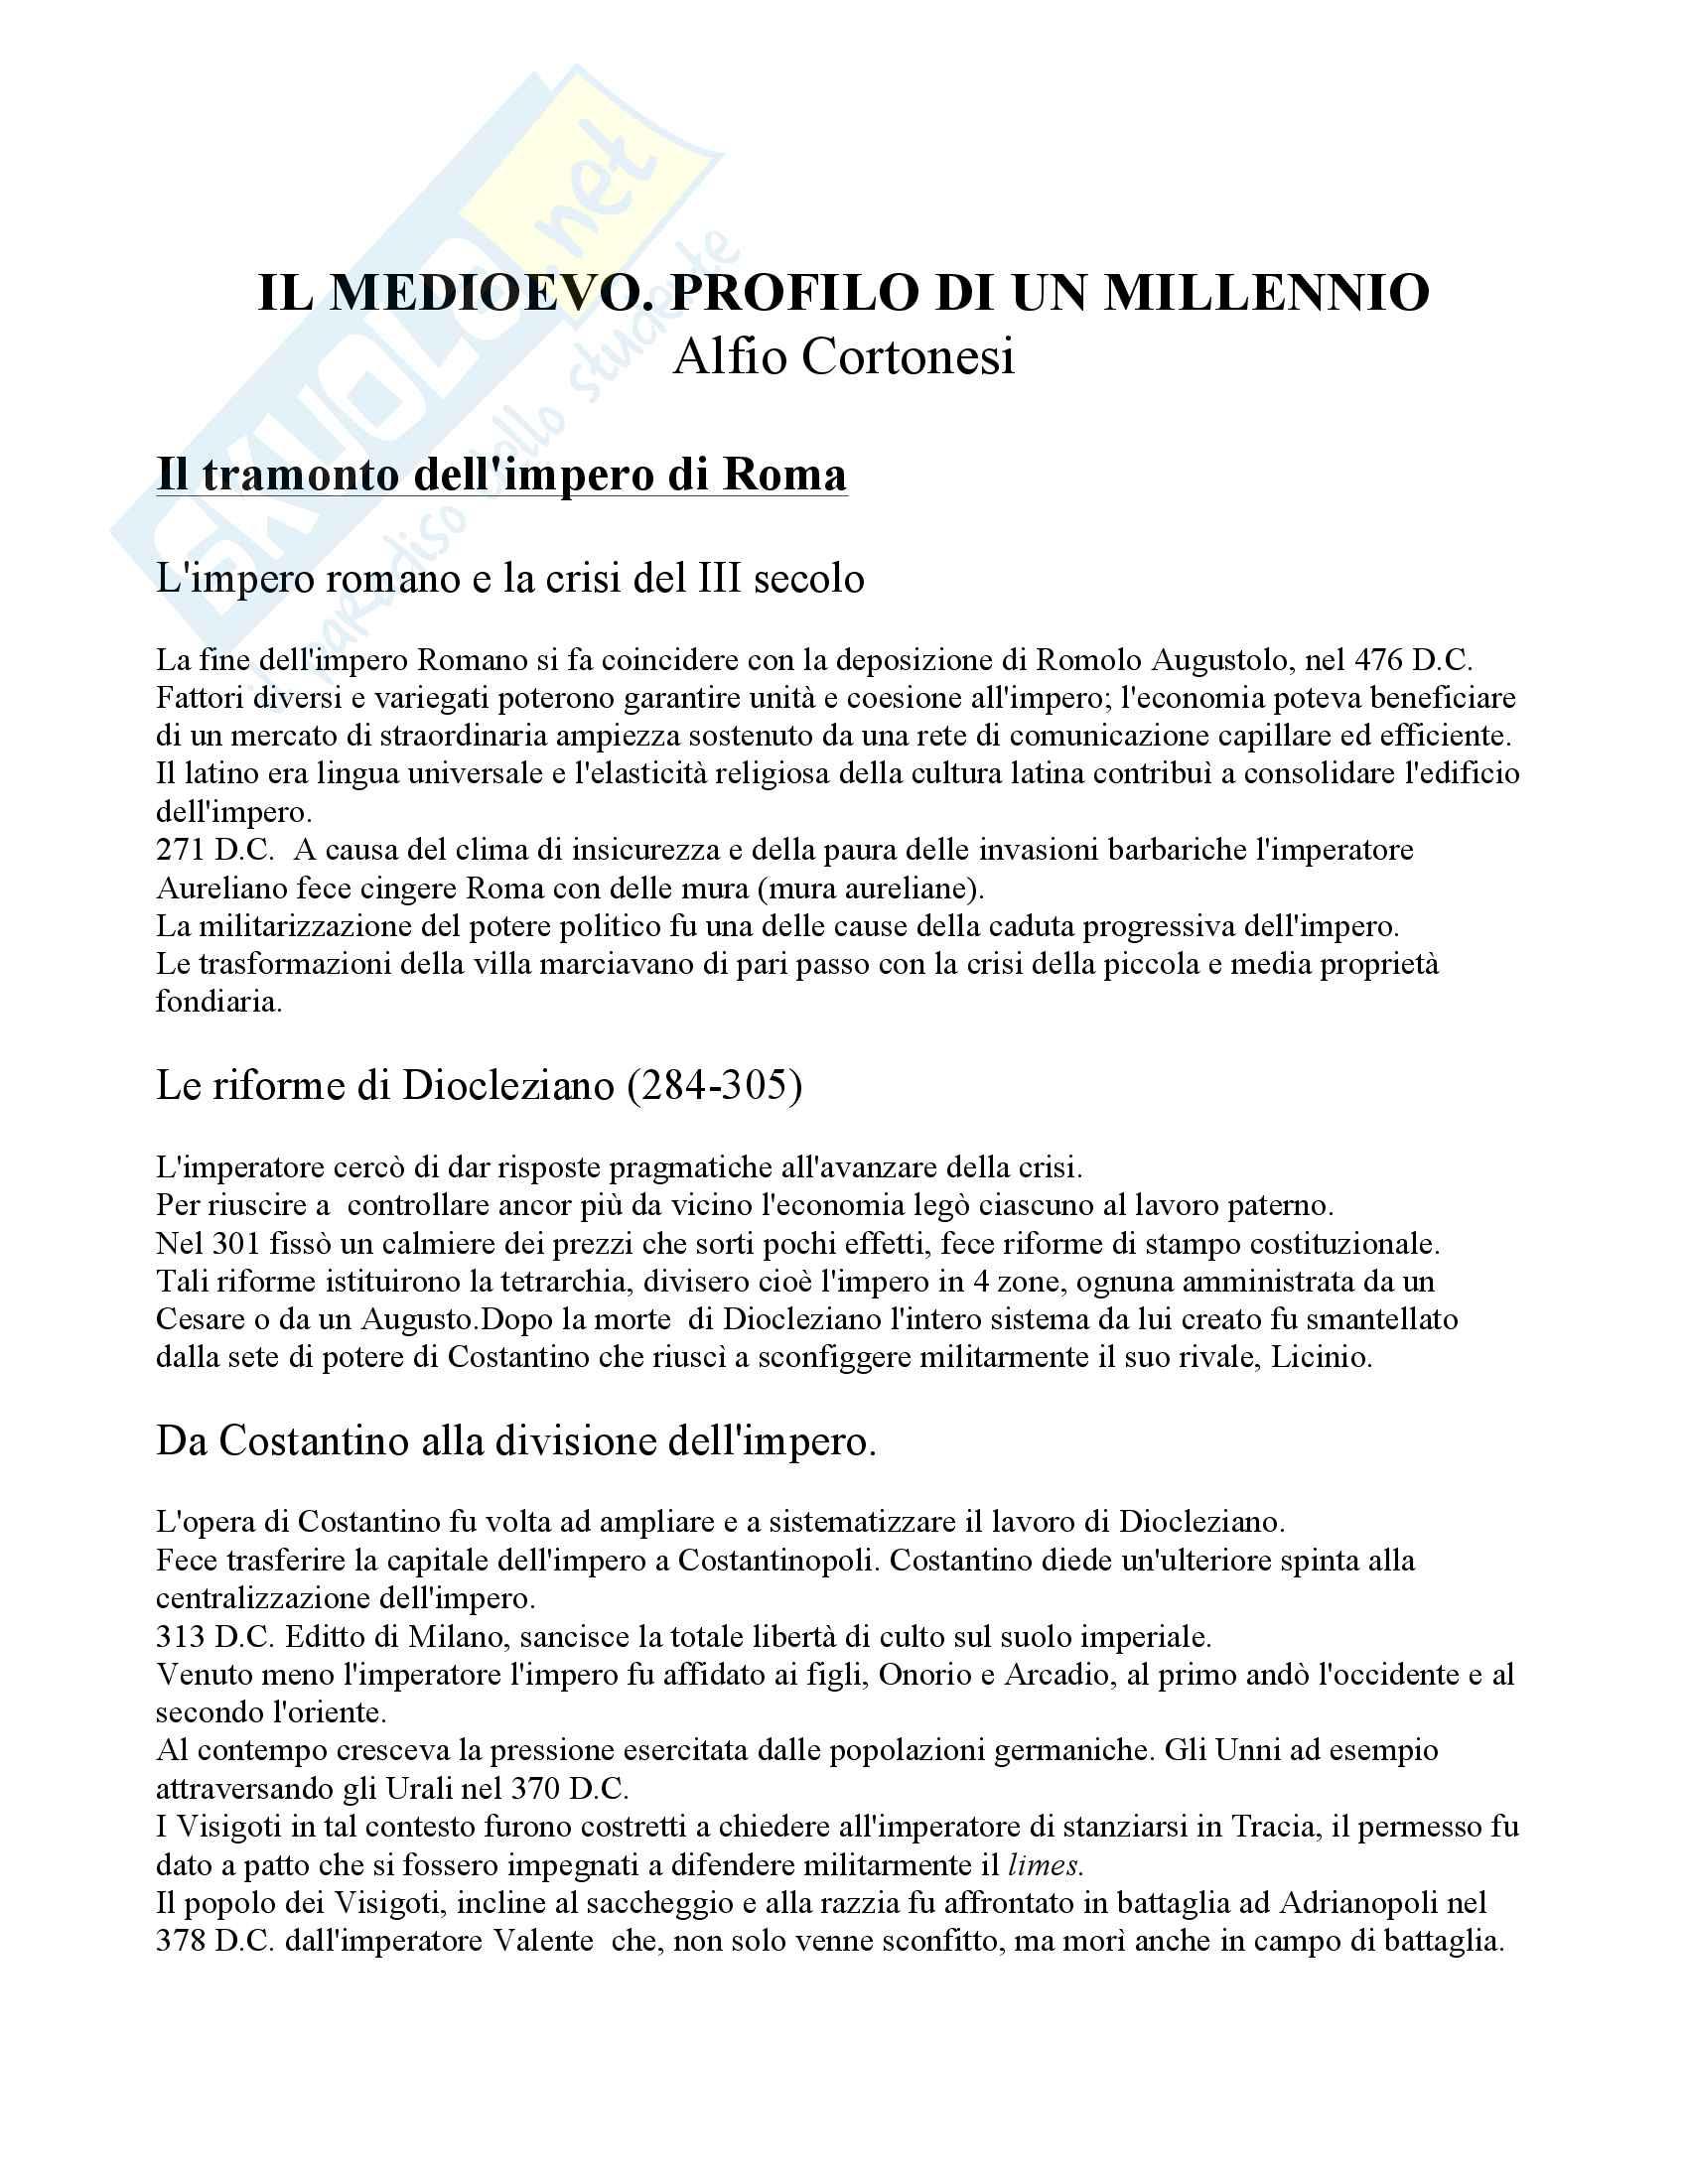 Riassunto esame Storia Medievale, Docente Andrea Zorzi Università degli studi di Firenze